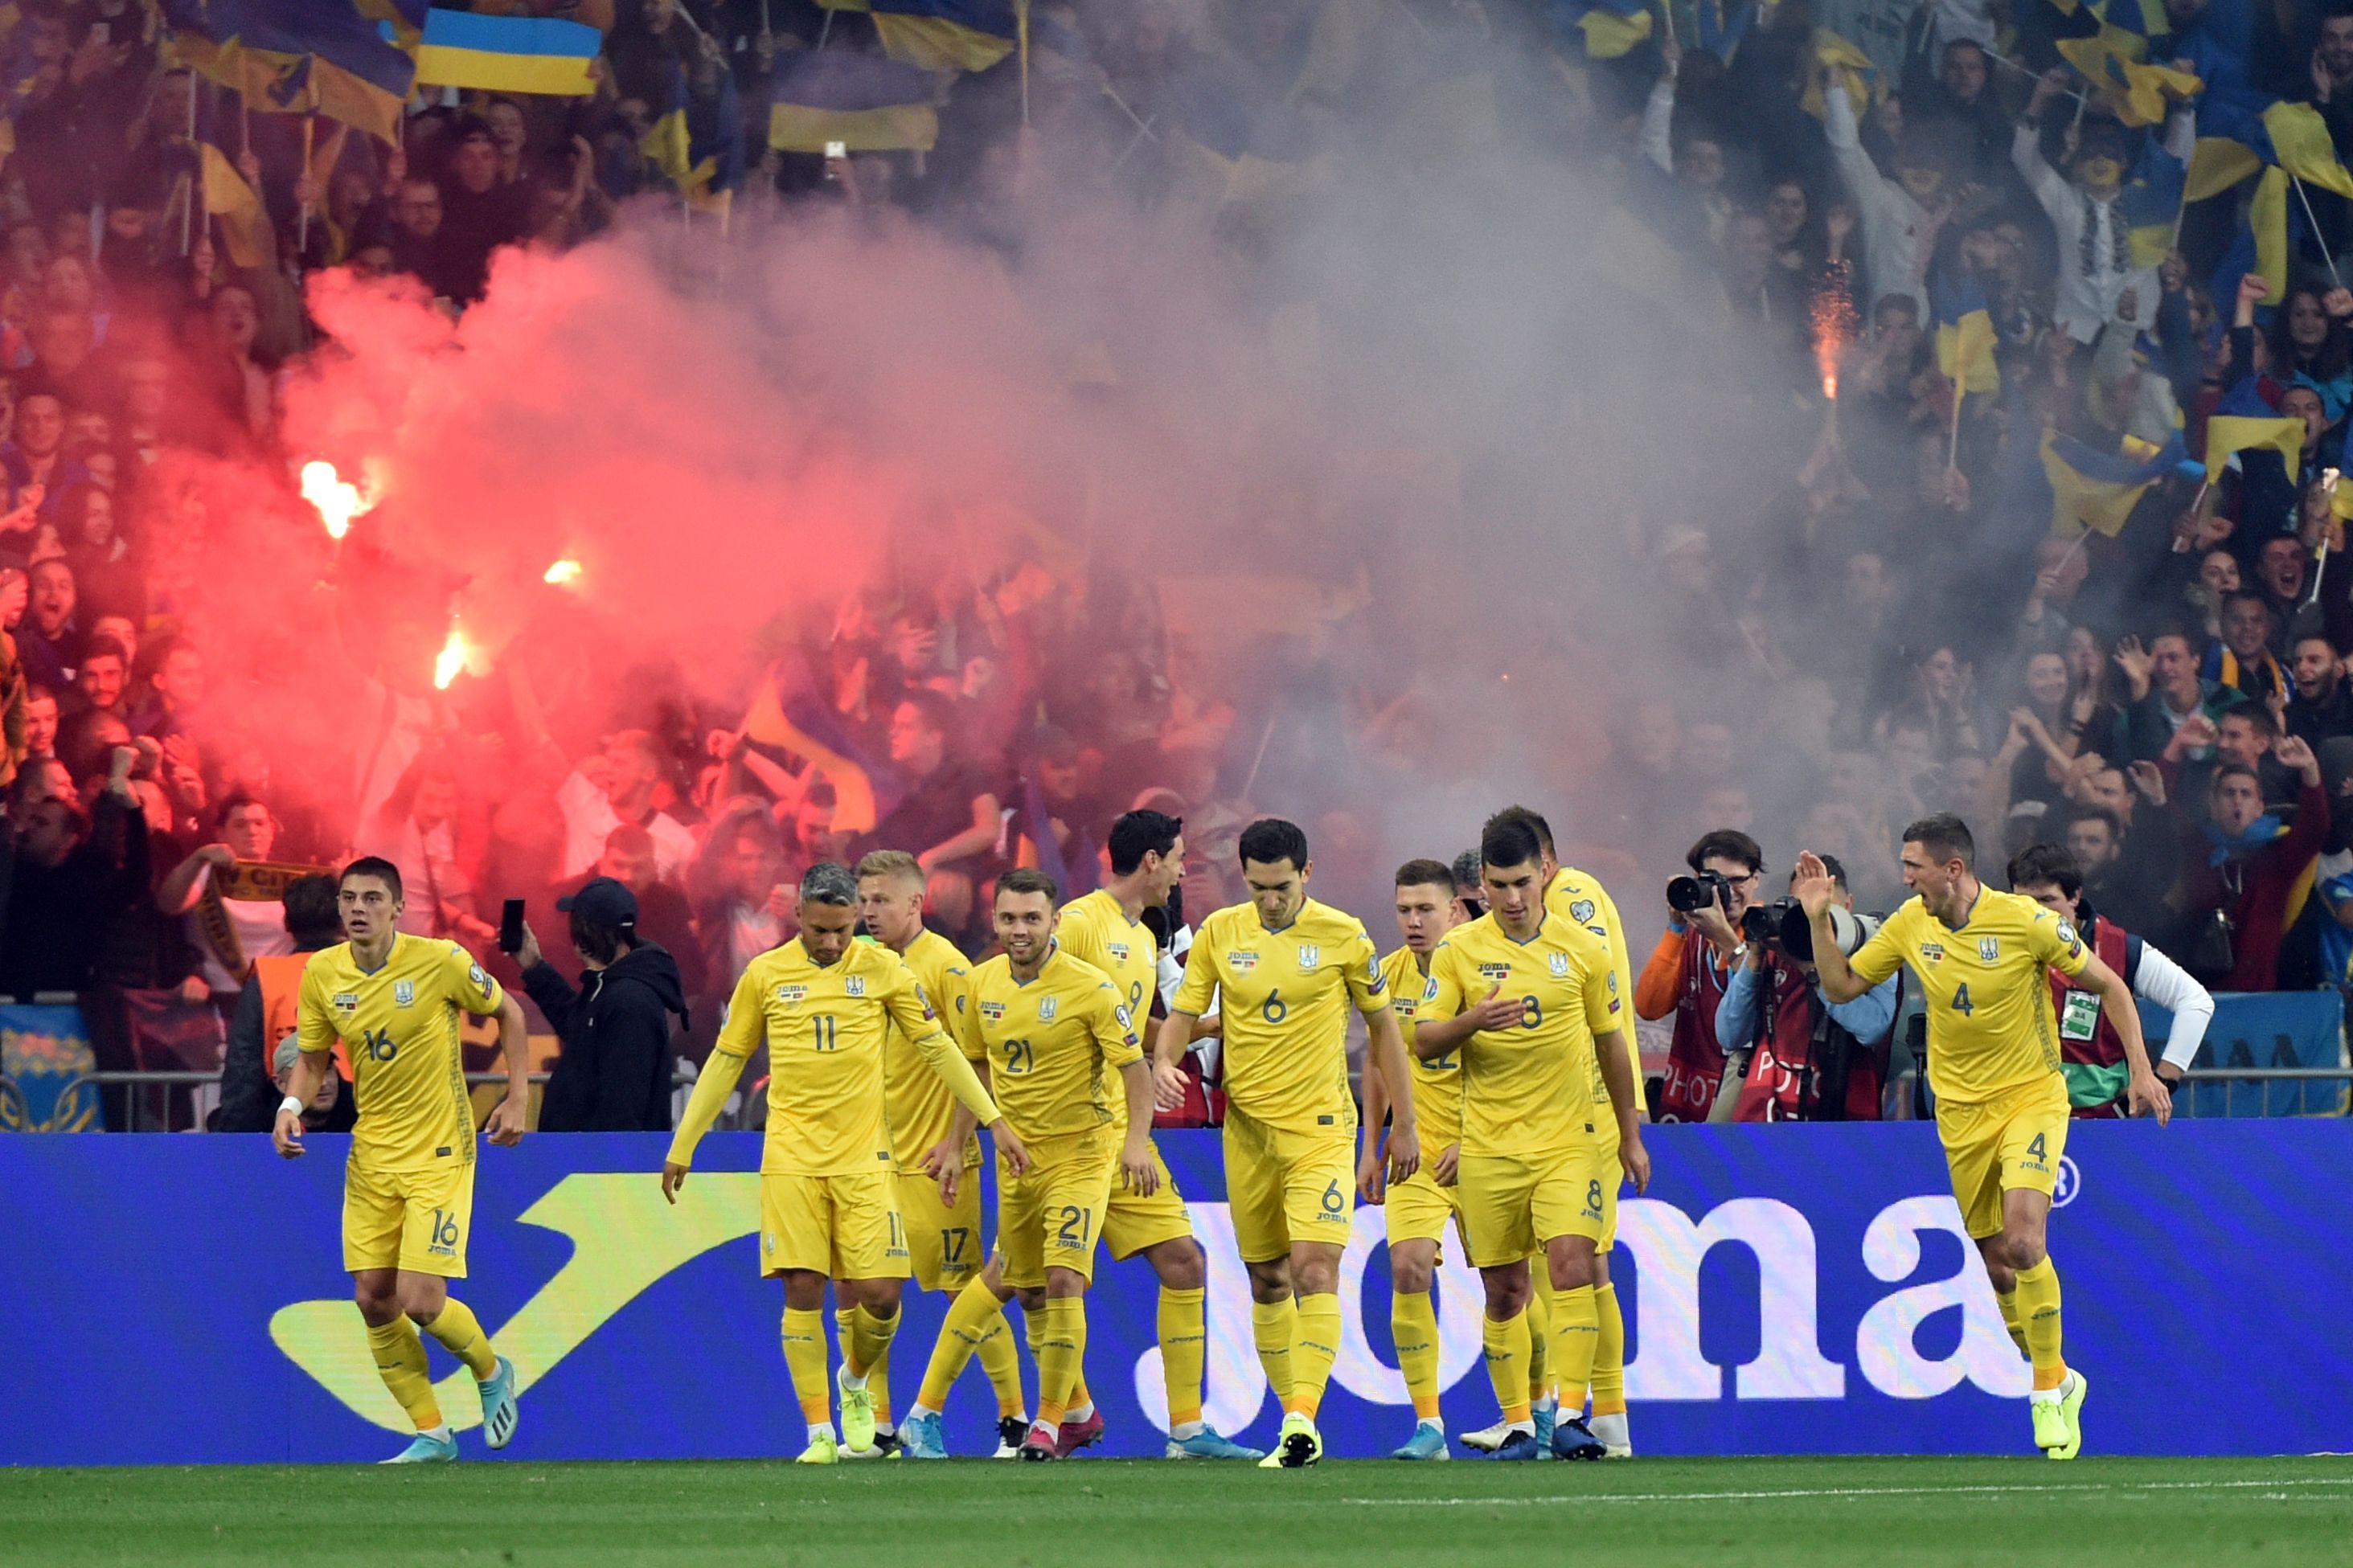 Украина - Португалия 2:1. Стопроцентная евроинтеграция, или Танец на костях чемпиона - изображение 5